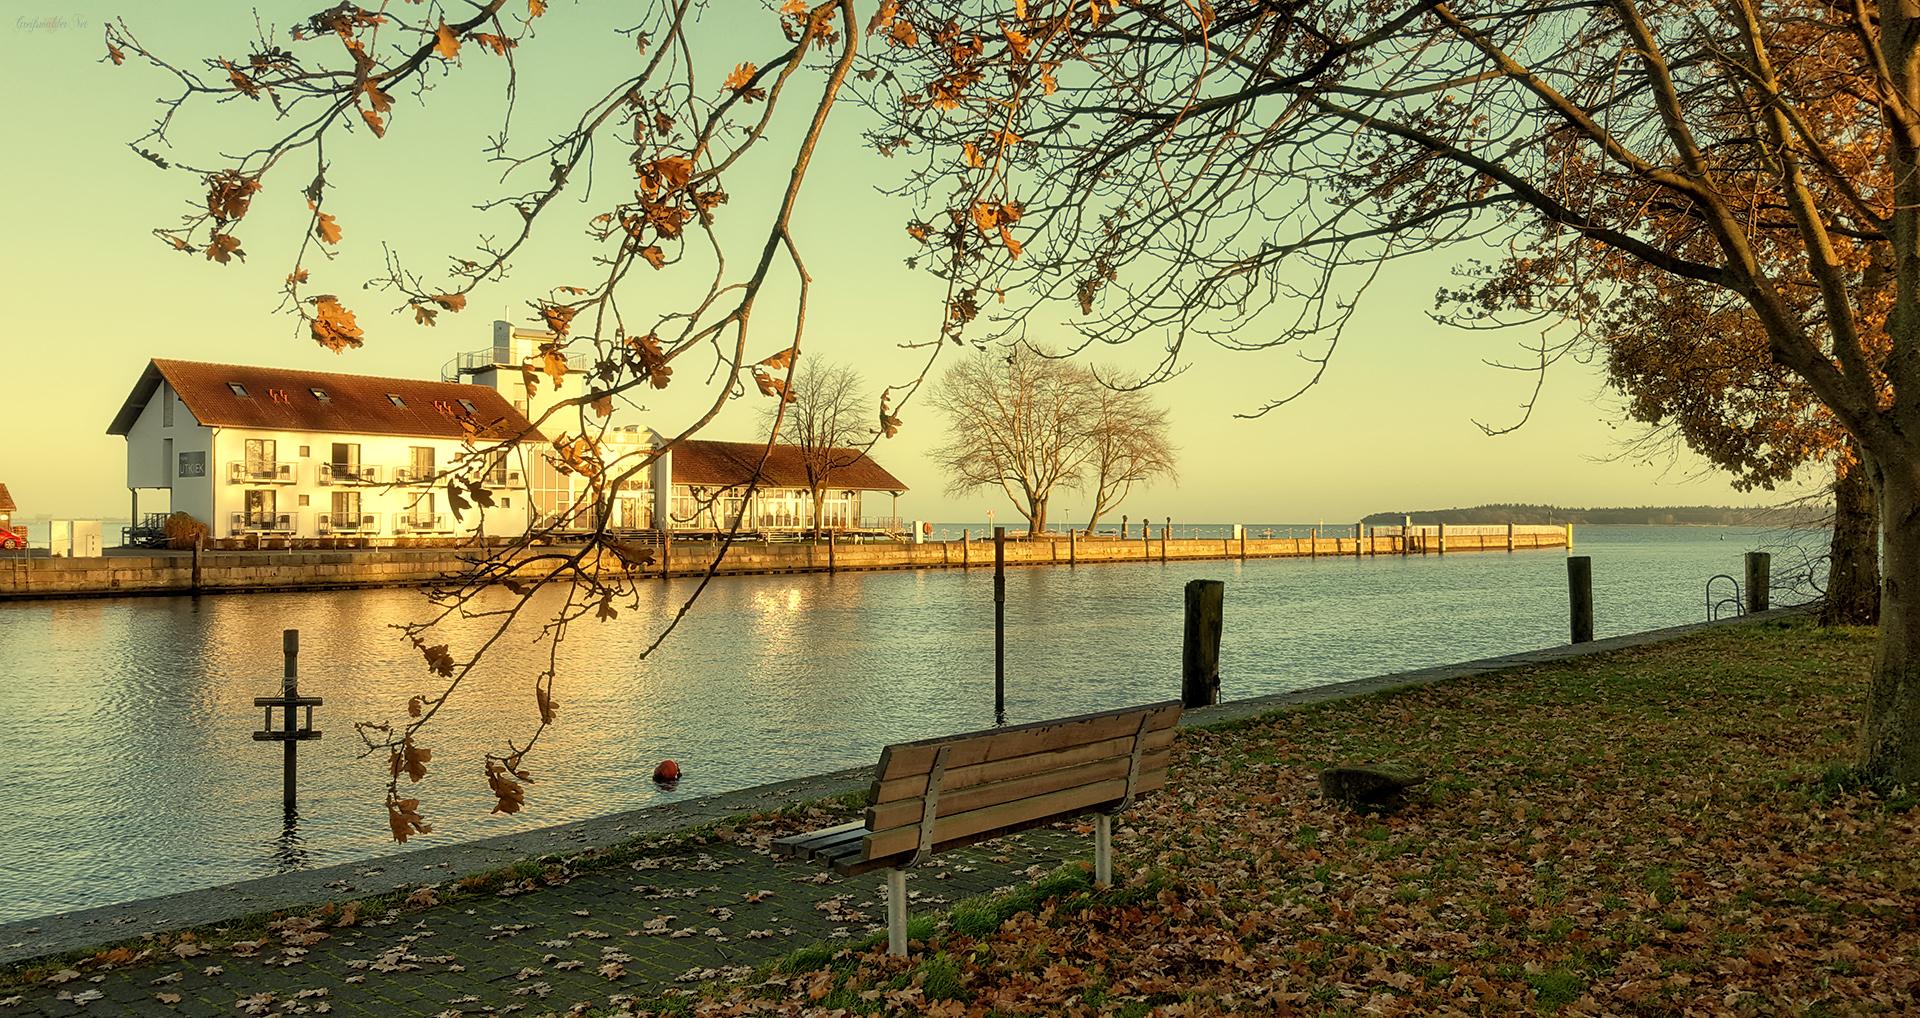 Erholung, Entspannung und Ruhe im Herbst am Ryck in Greifswald-Wieck